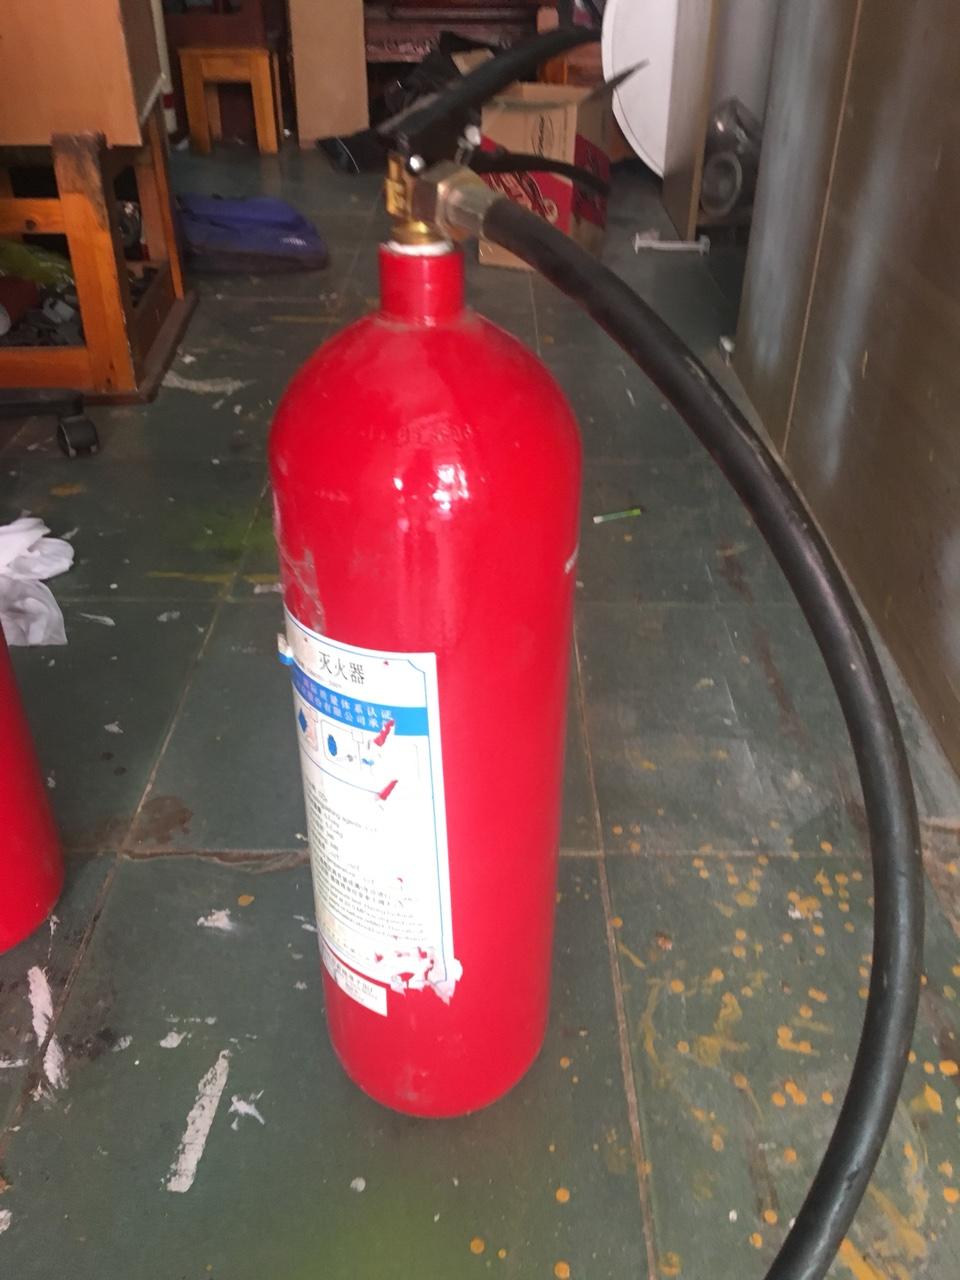 Thanh lý bình phòng cháy chữa cháy cũ giá rẻ